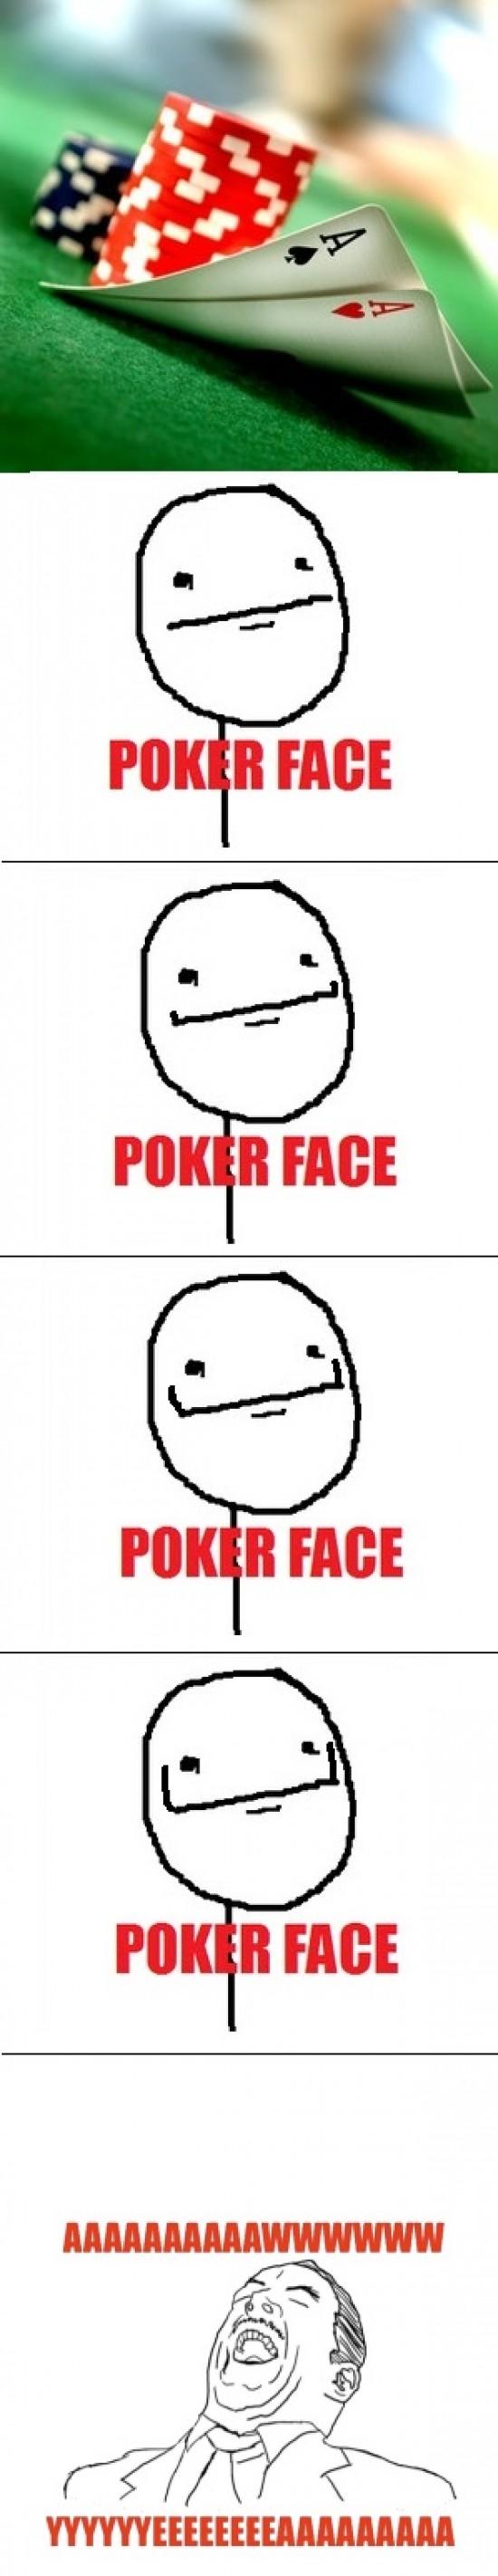 Aww_yea - Poker No Face